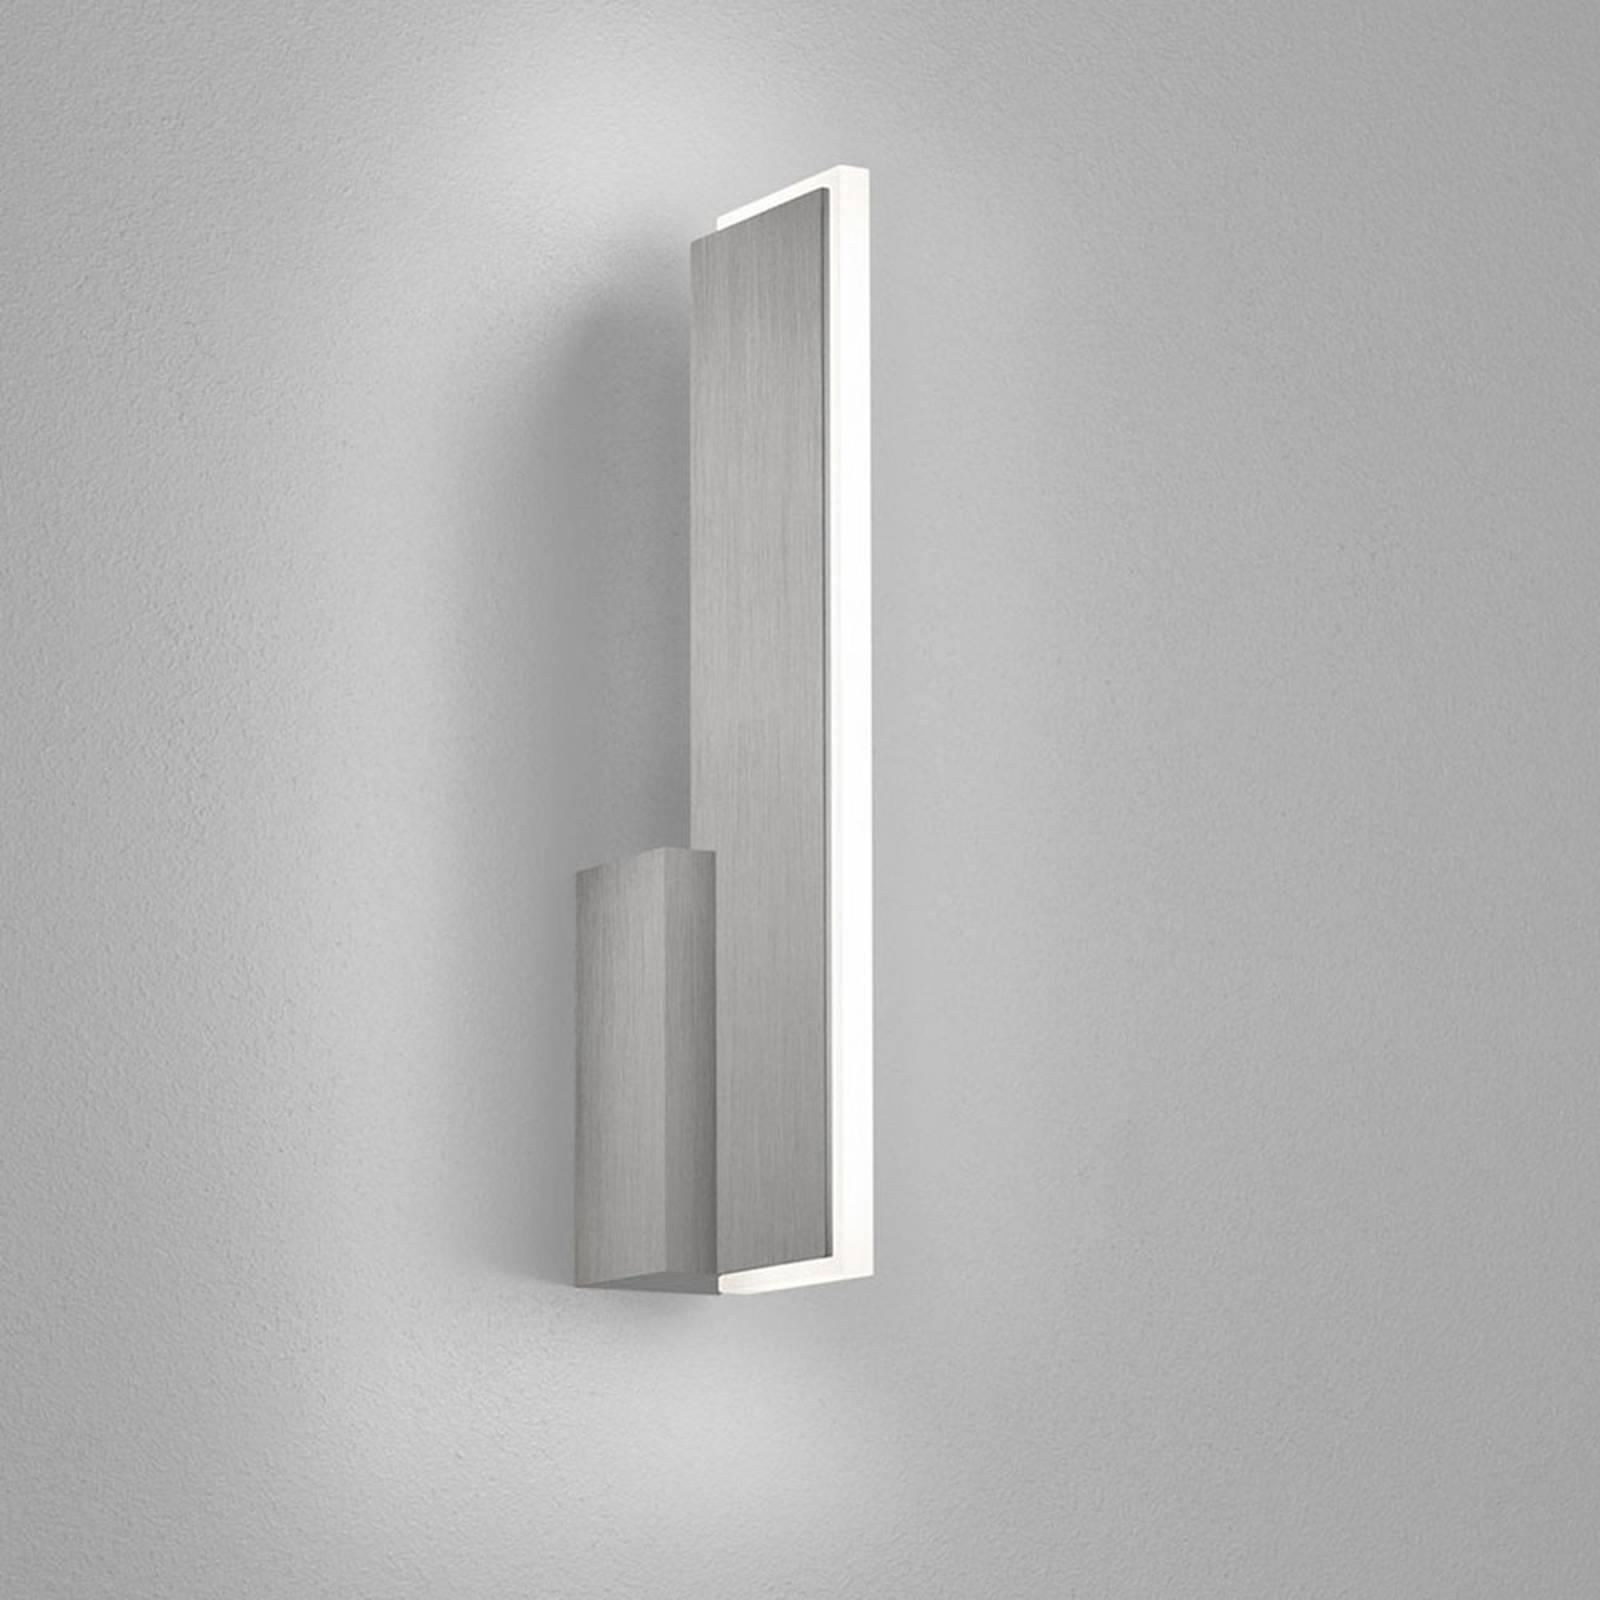 Helestra Nex -LED-seinävalaisin, matta nikkeli